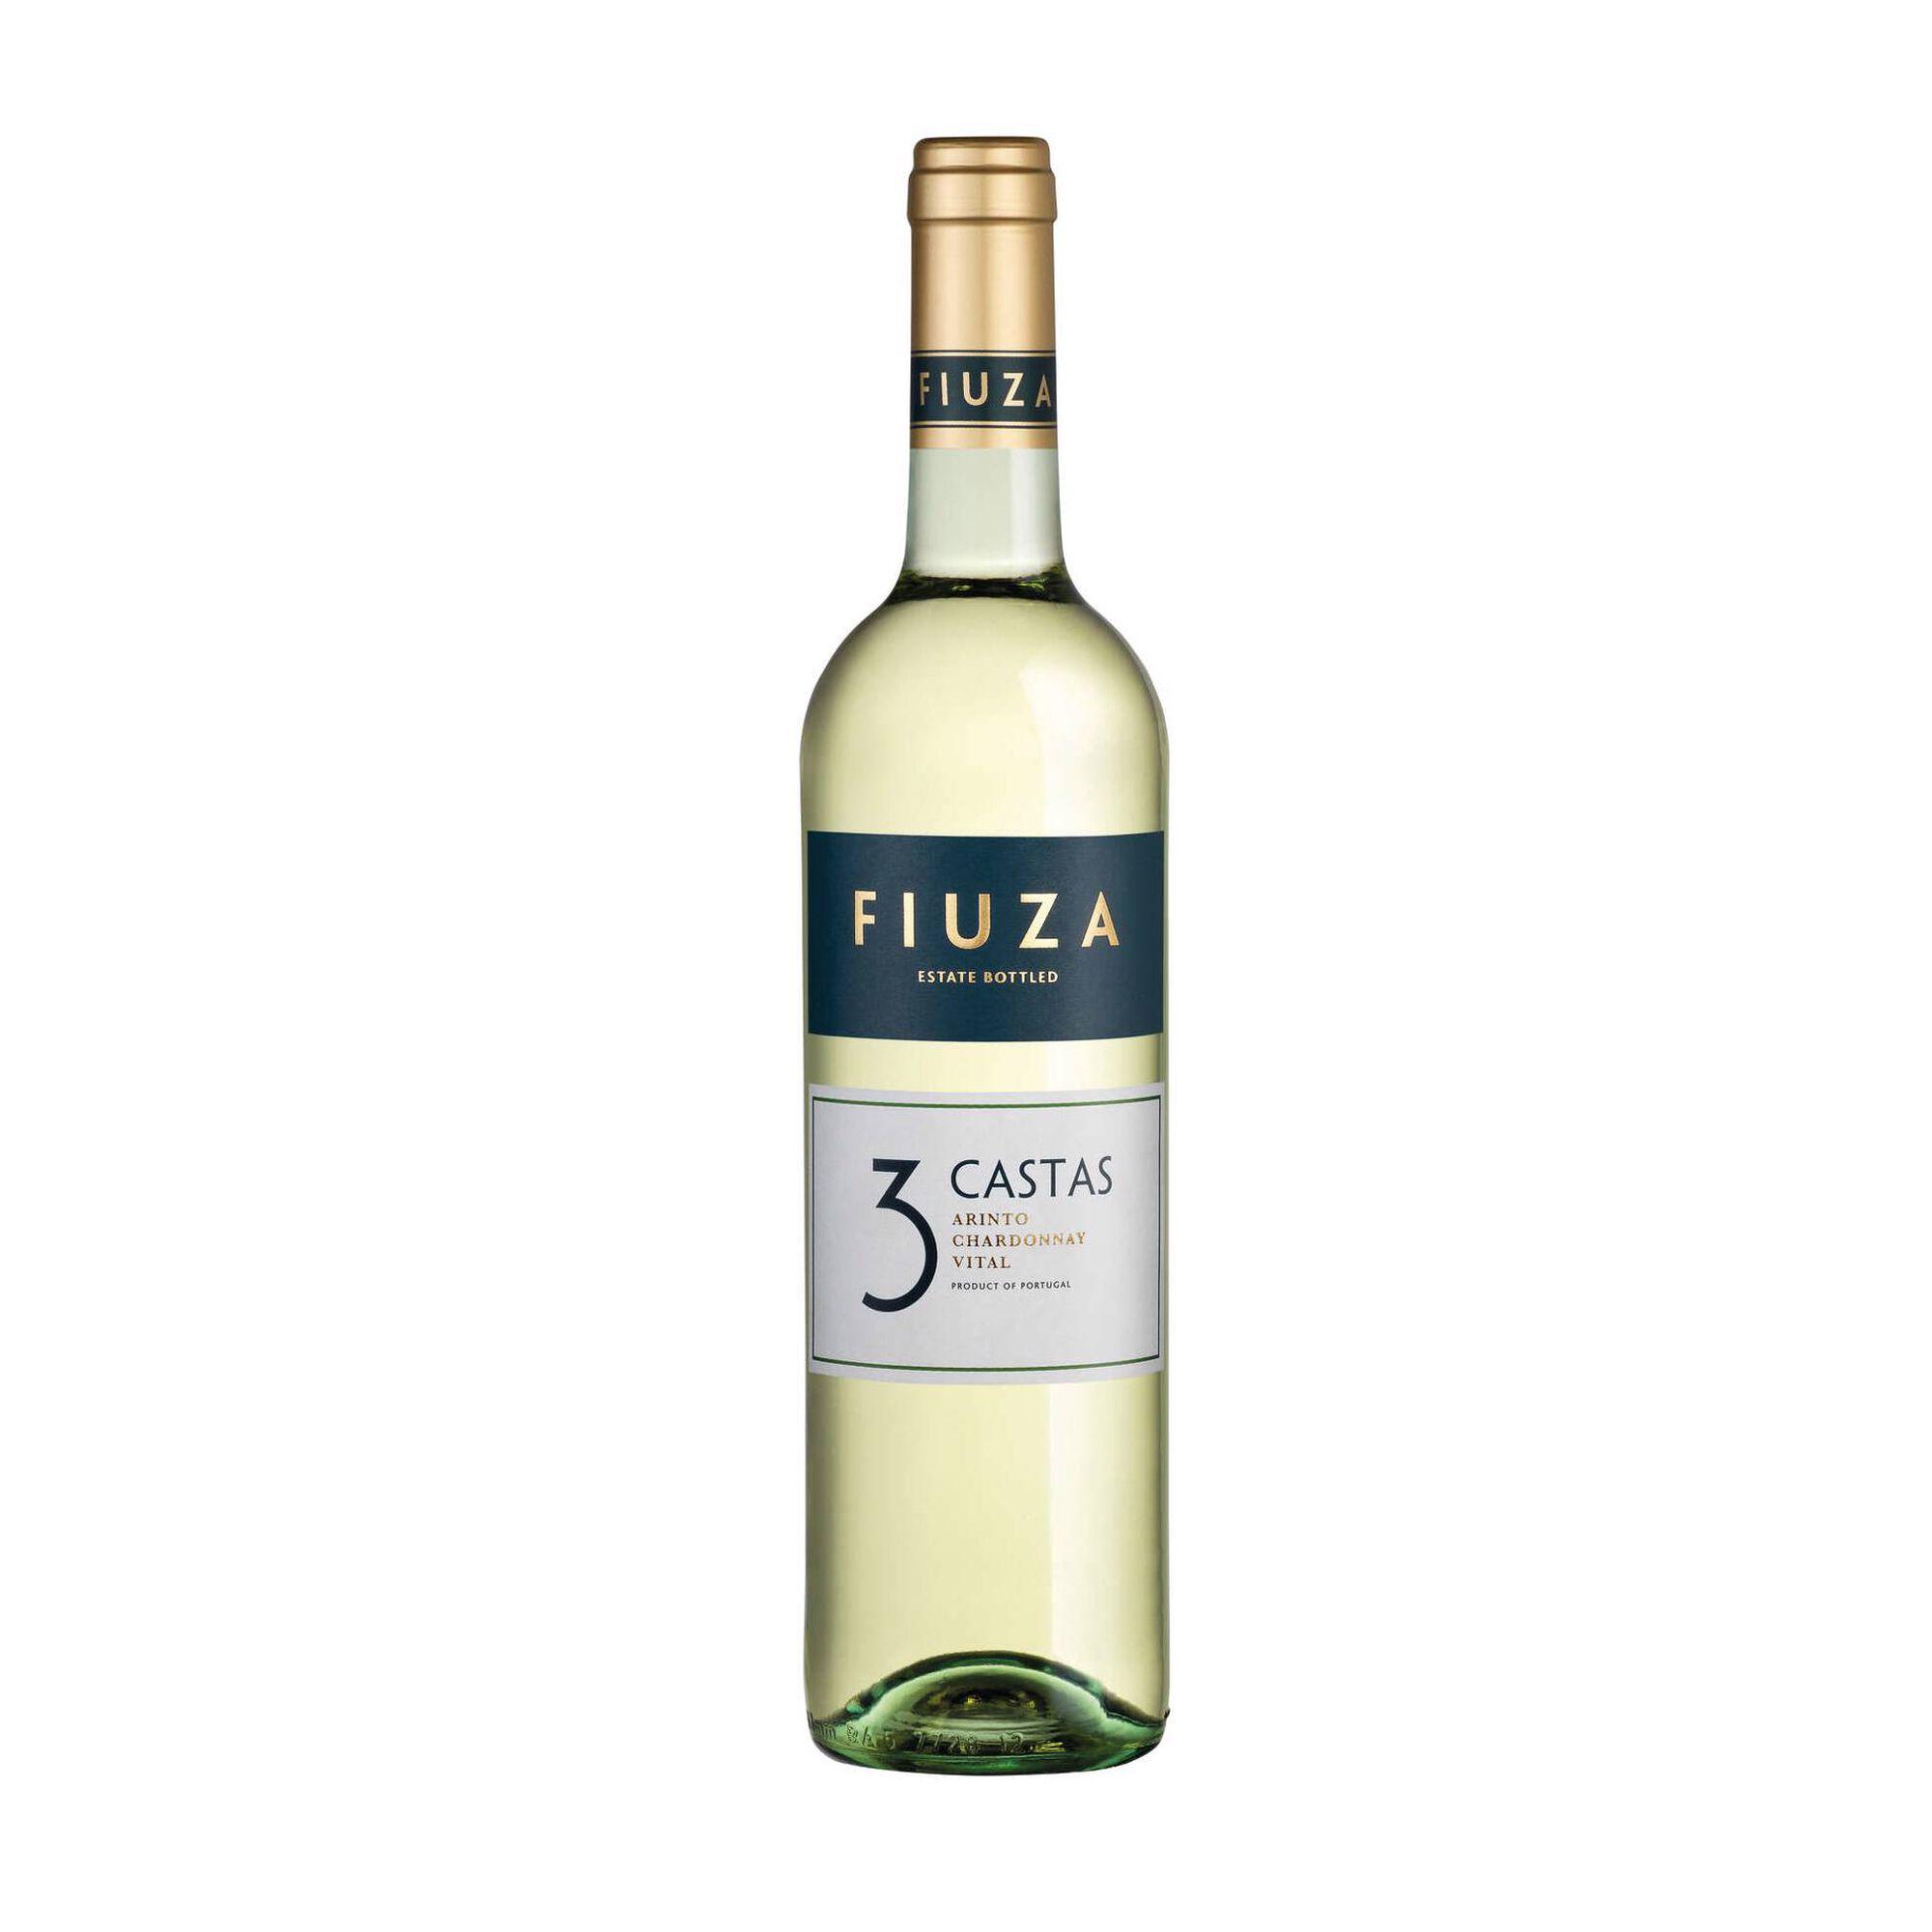 Fiuza 3 Castas Regional Tejo Vinho Branco